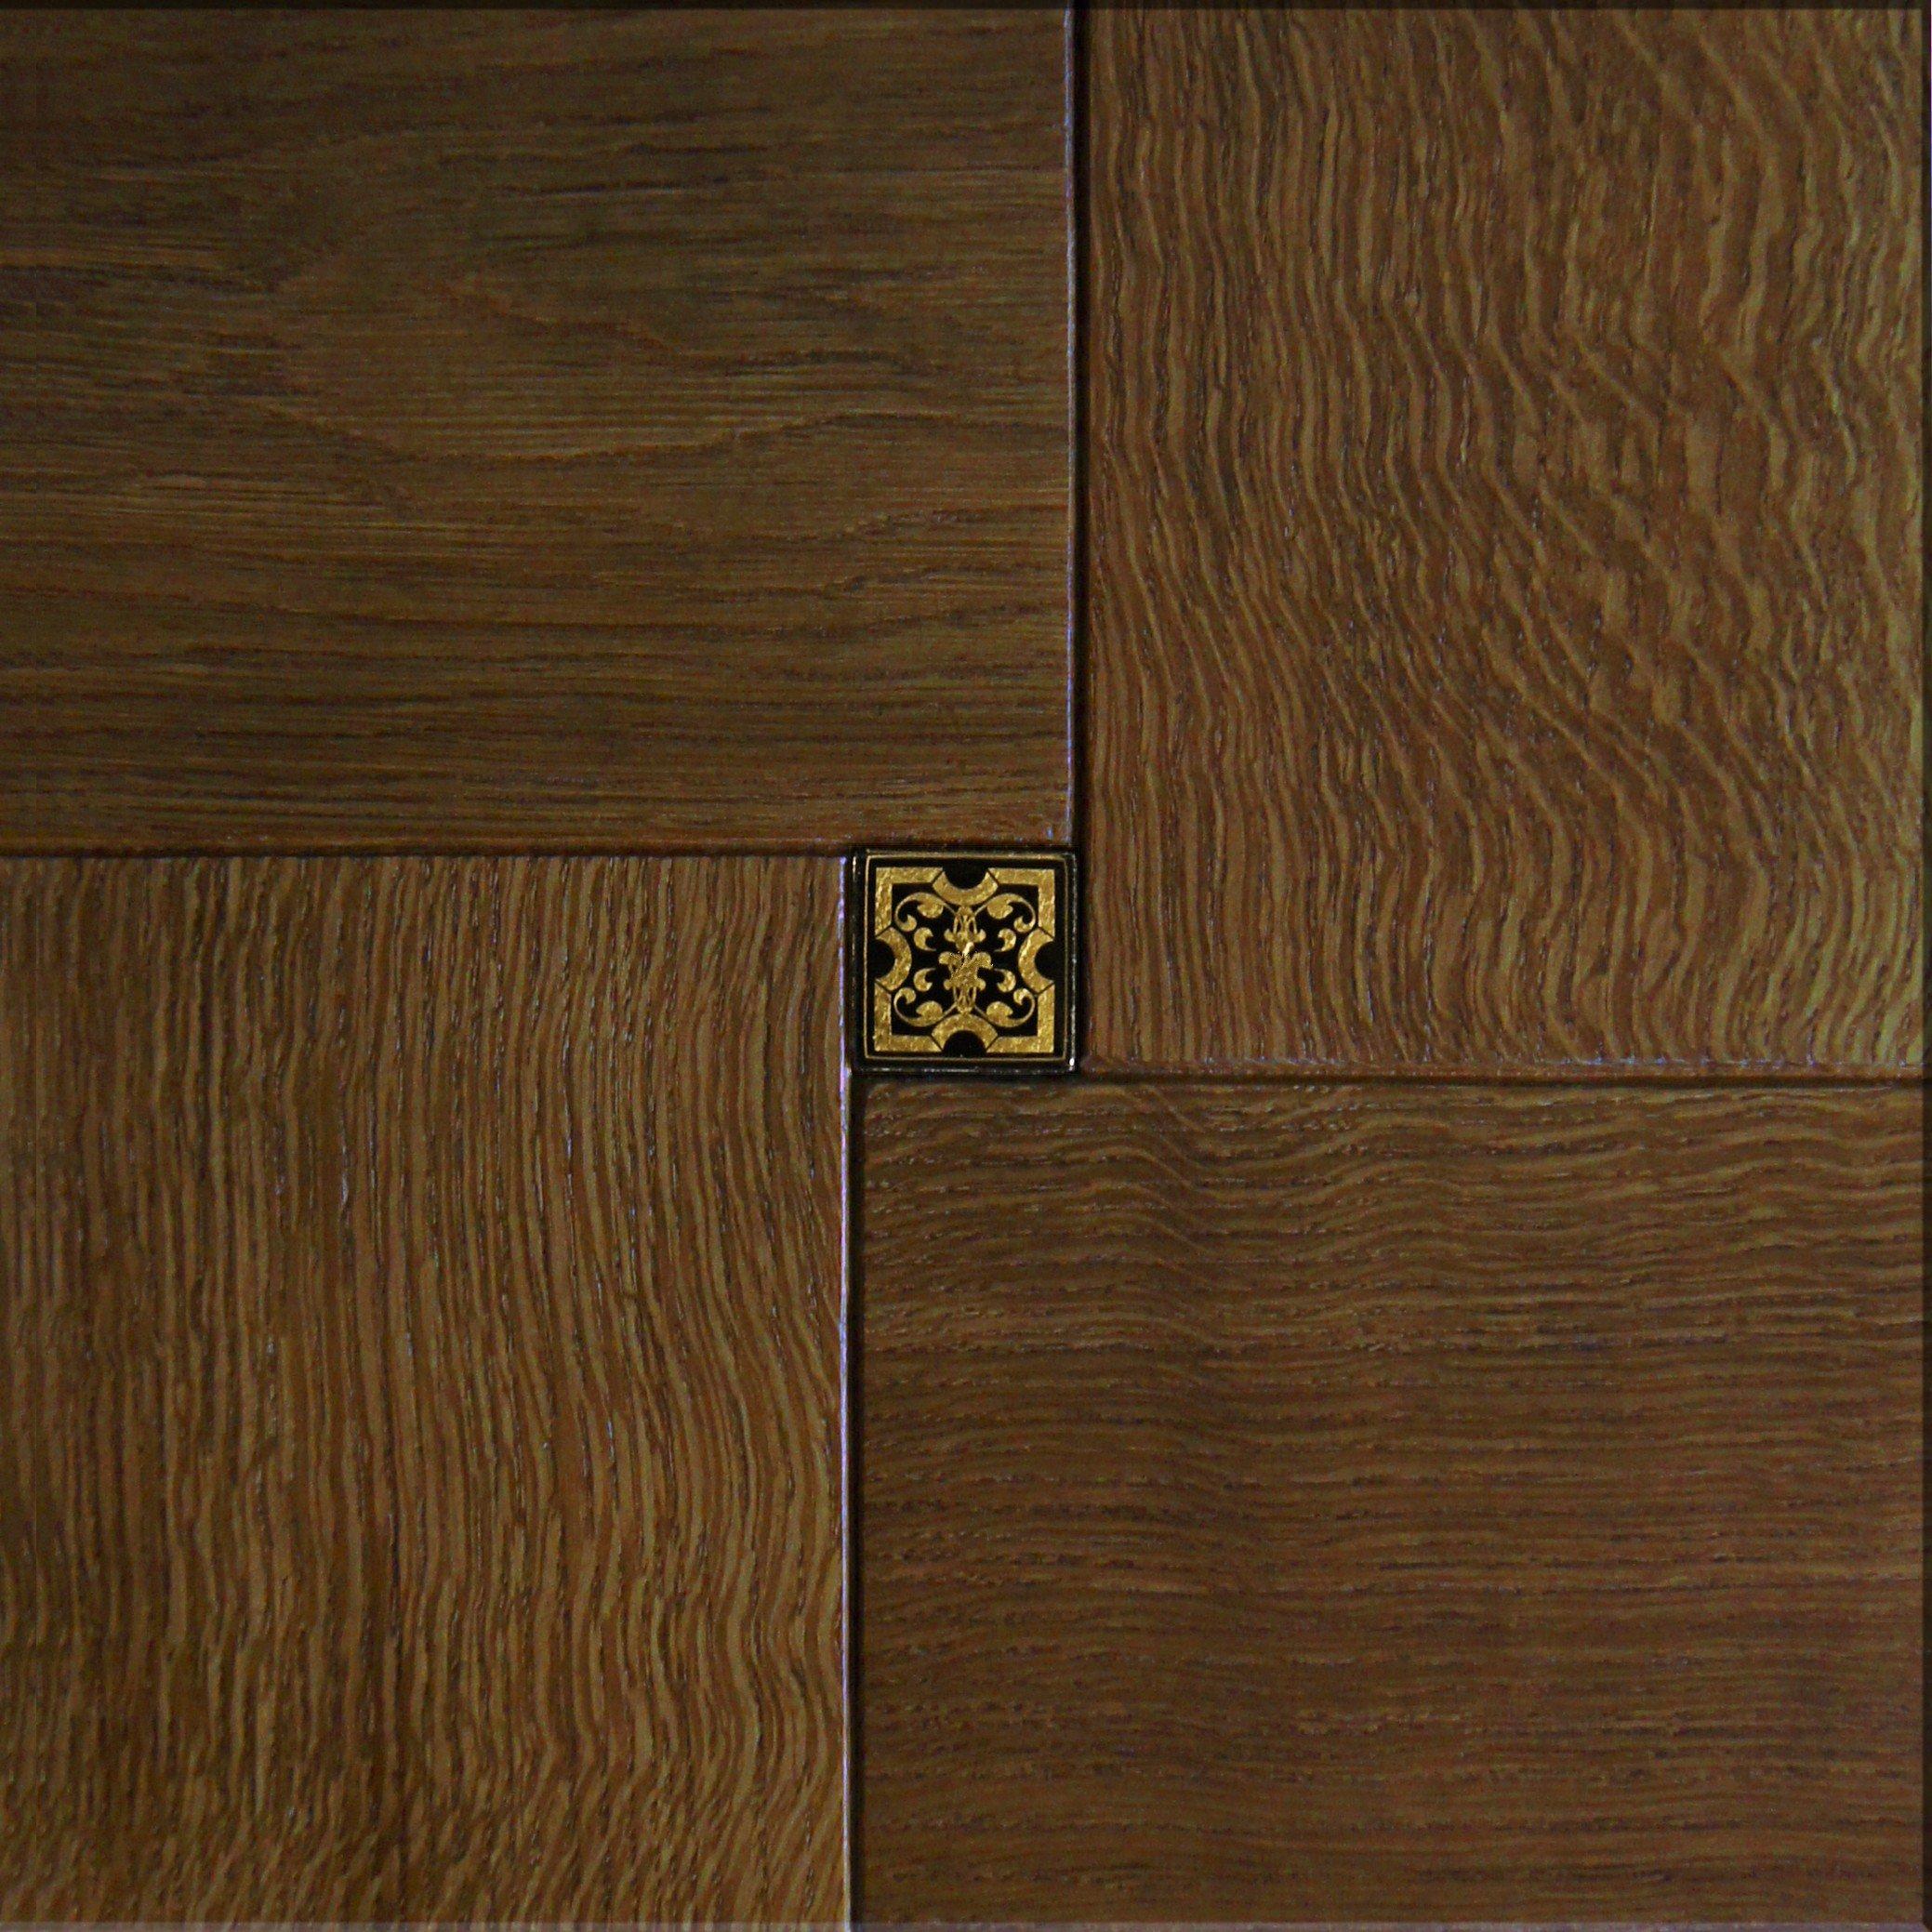 Модульный паркет Da Vinci с мозаикой 26-006-00489